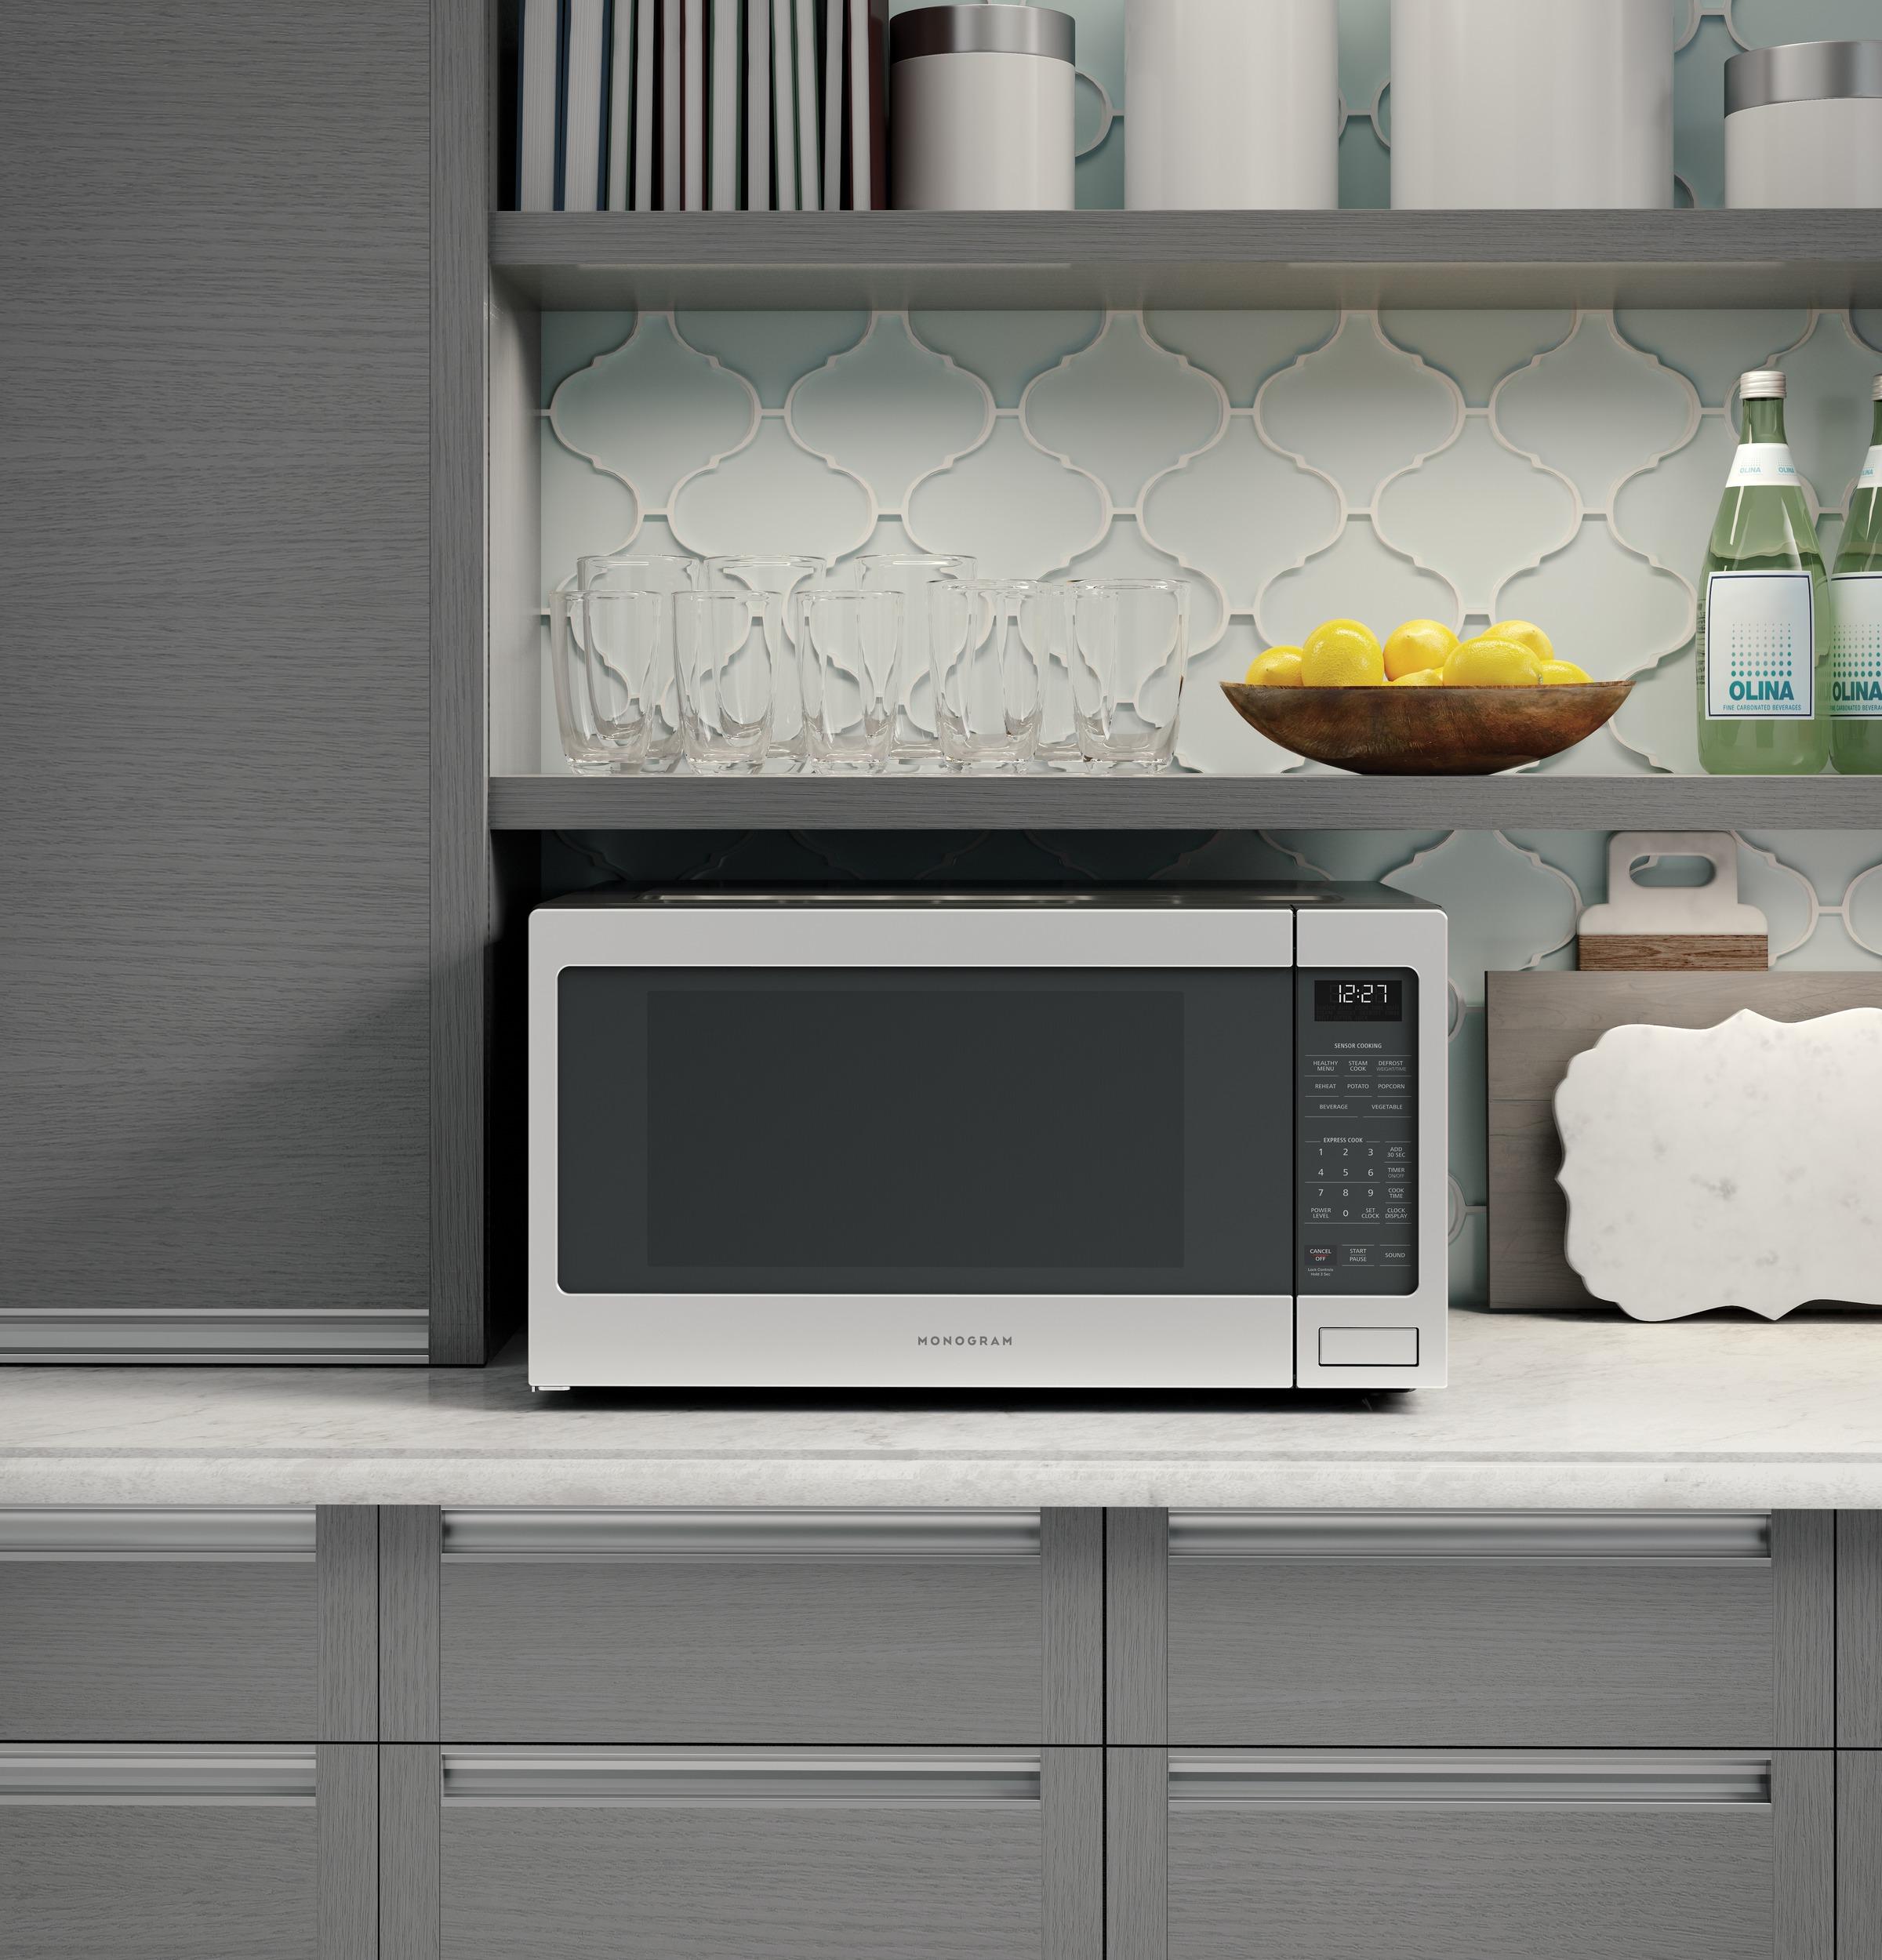 Model: ZES1227SLSS | Monogram Monogram 2.2 Cu. Ft. Countertop Microwave Oven